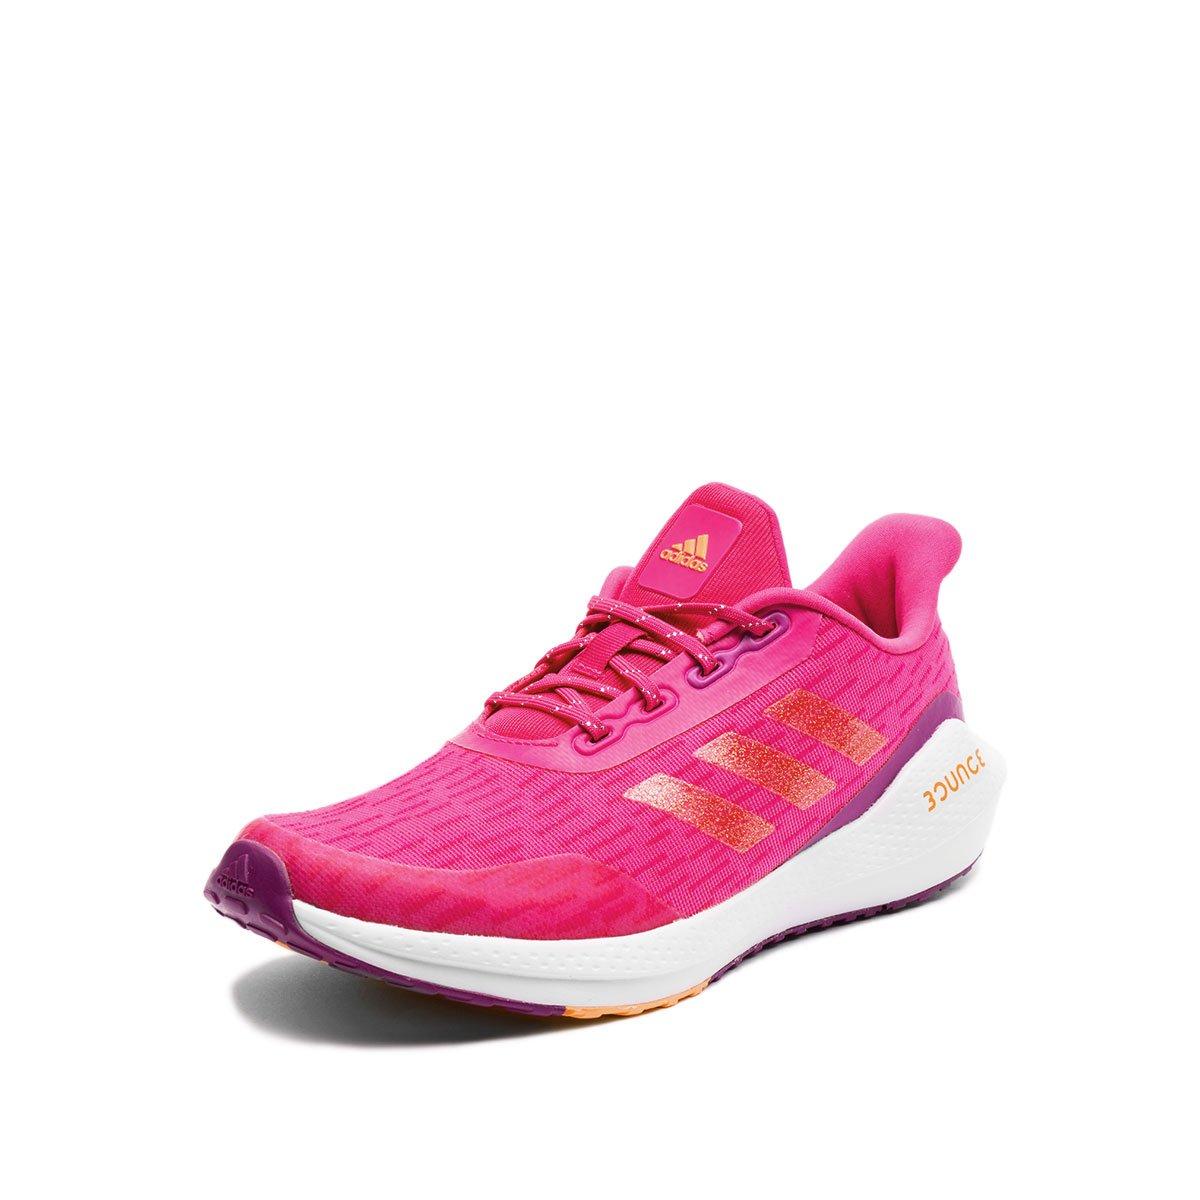 Adidas EQ21 Run